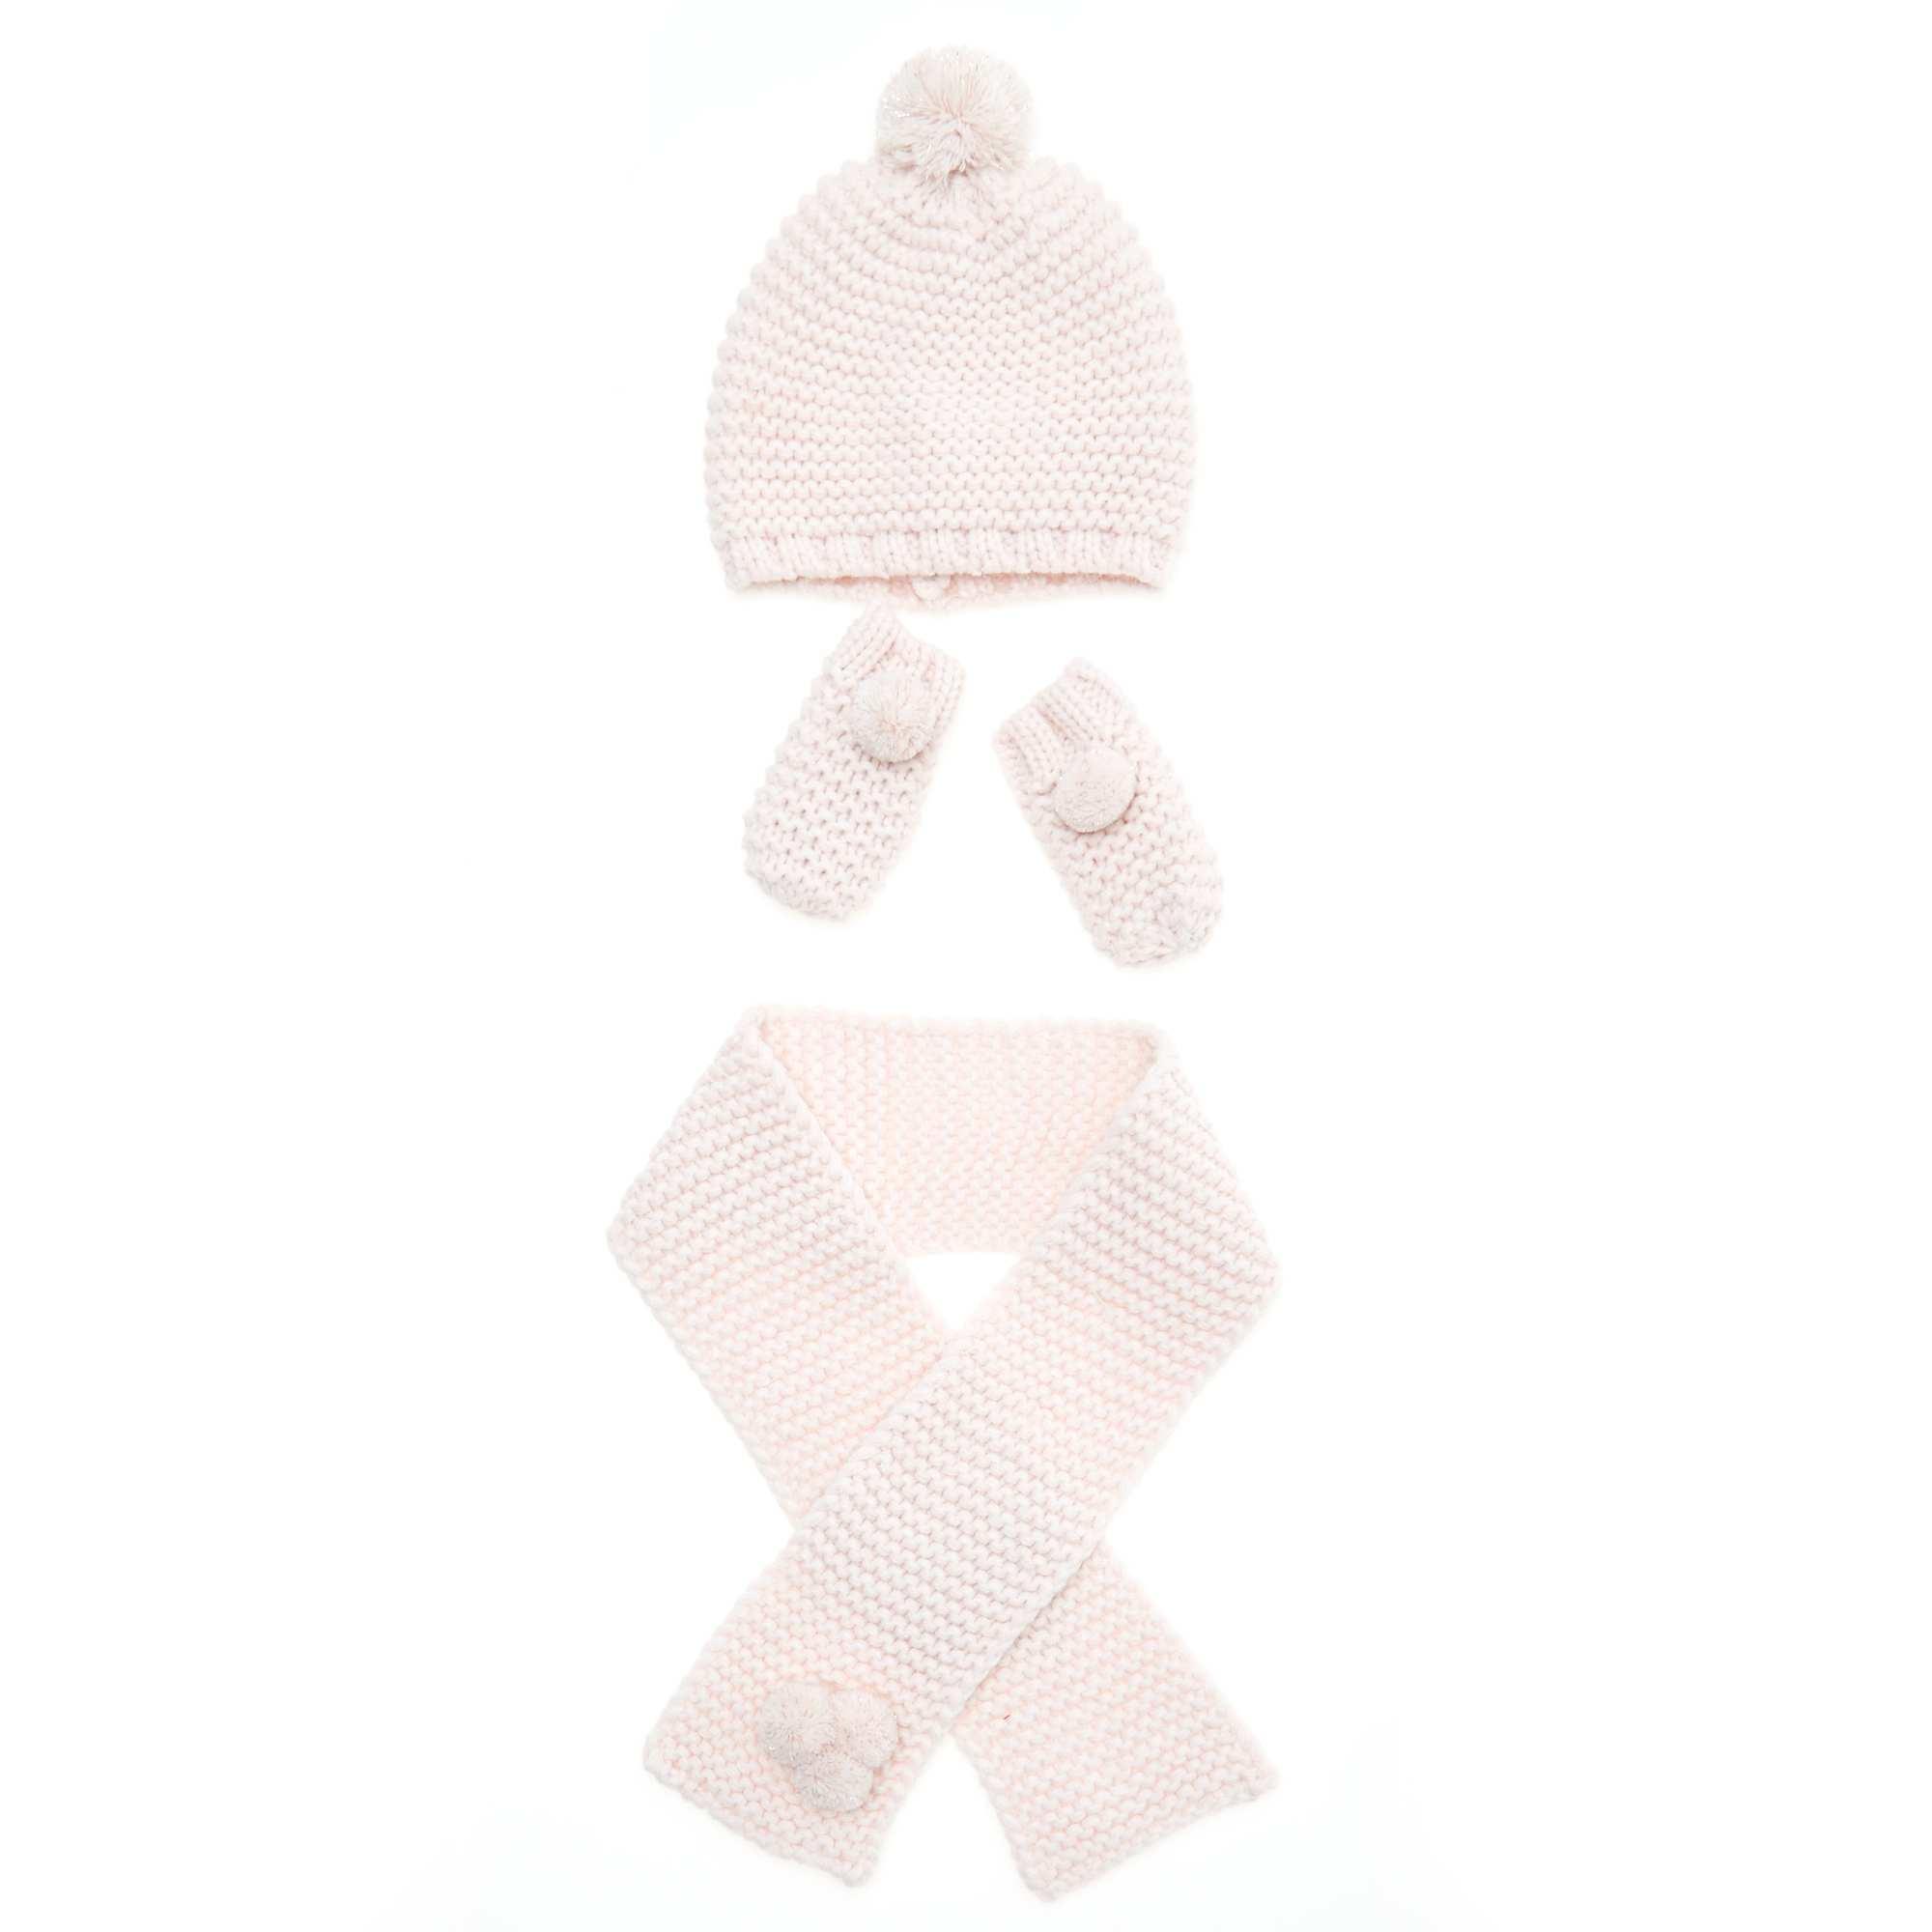 Ensemble bonnet + écharpe + moufle Bébé fille - rose pâle - Kiabi ... 0a845021f4c